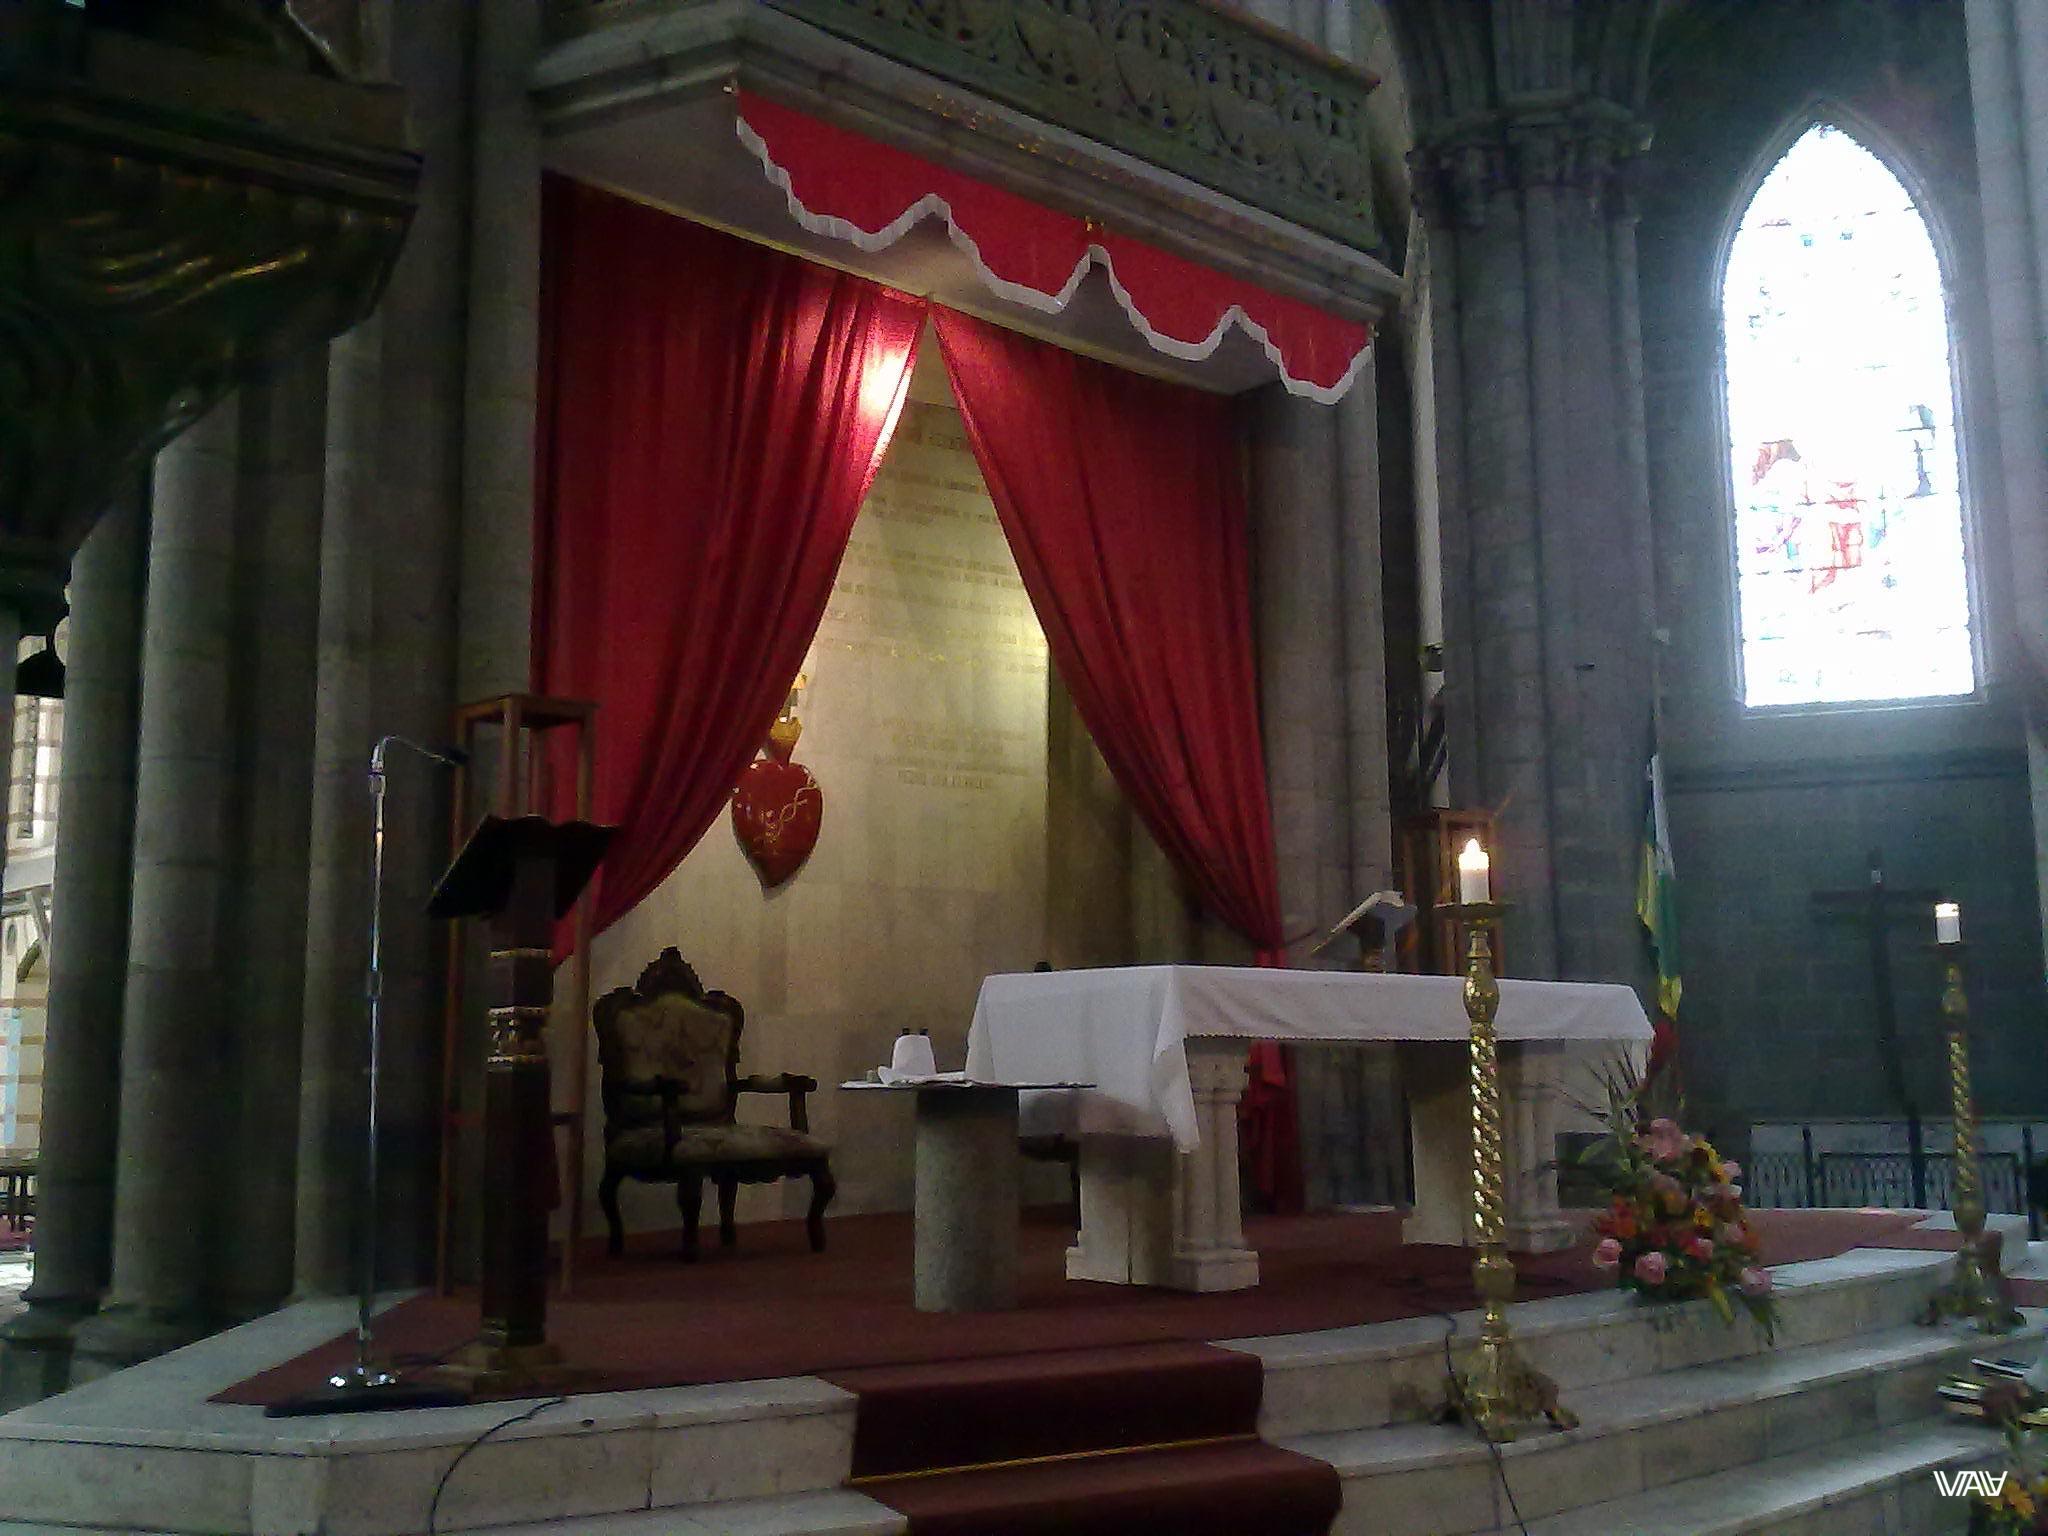 Мини версия Ватикана и Папского рабочего места. Базилика дель Вото Насьеналь, Кито, Эквадор